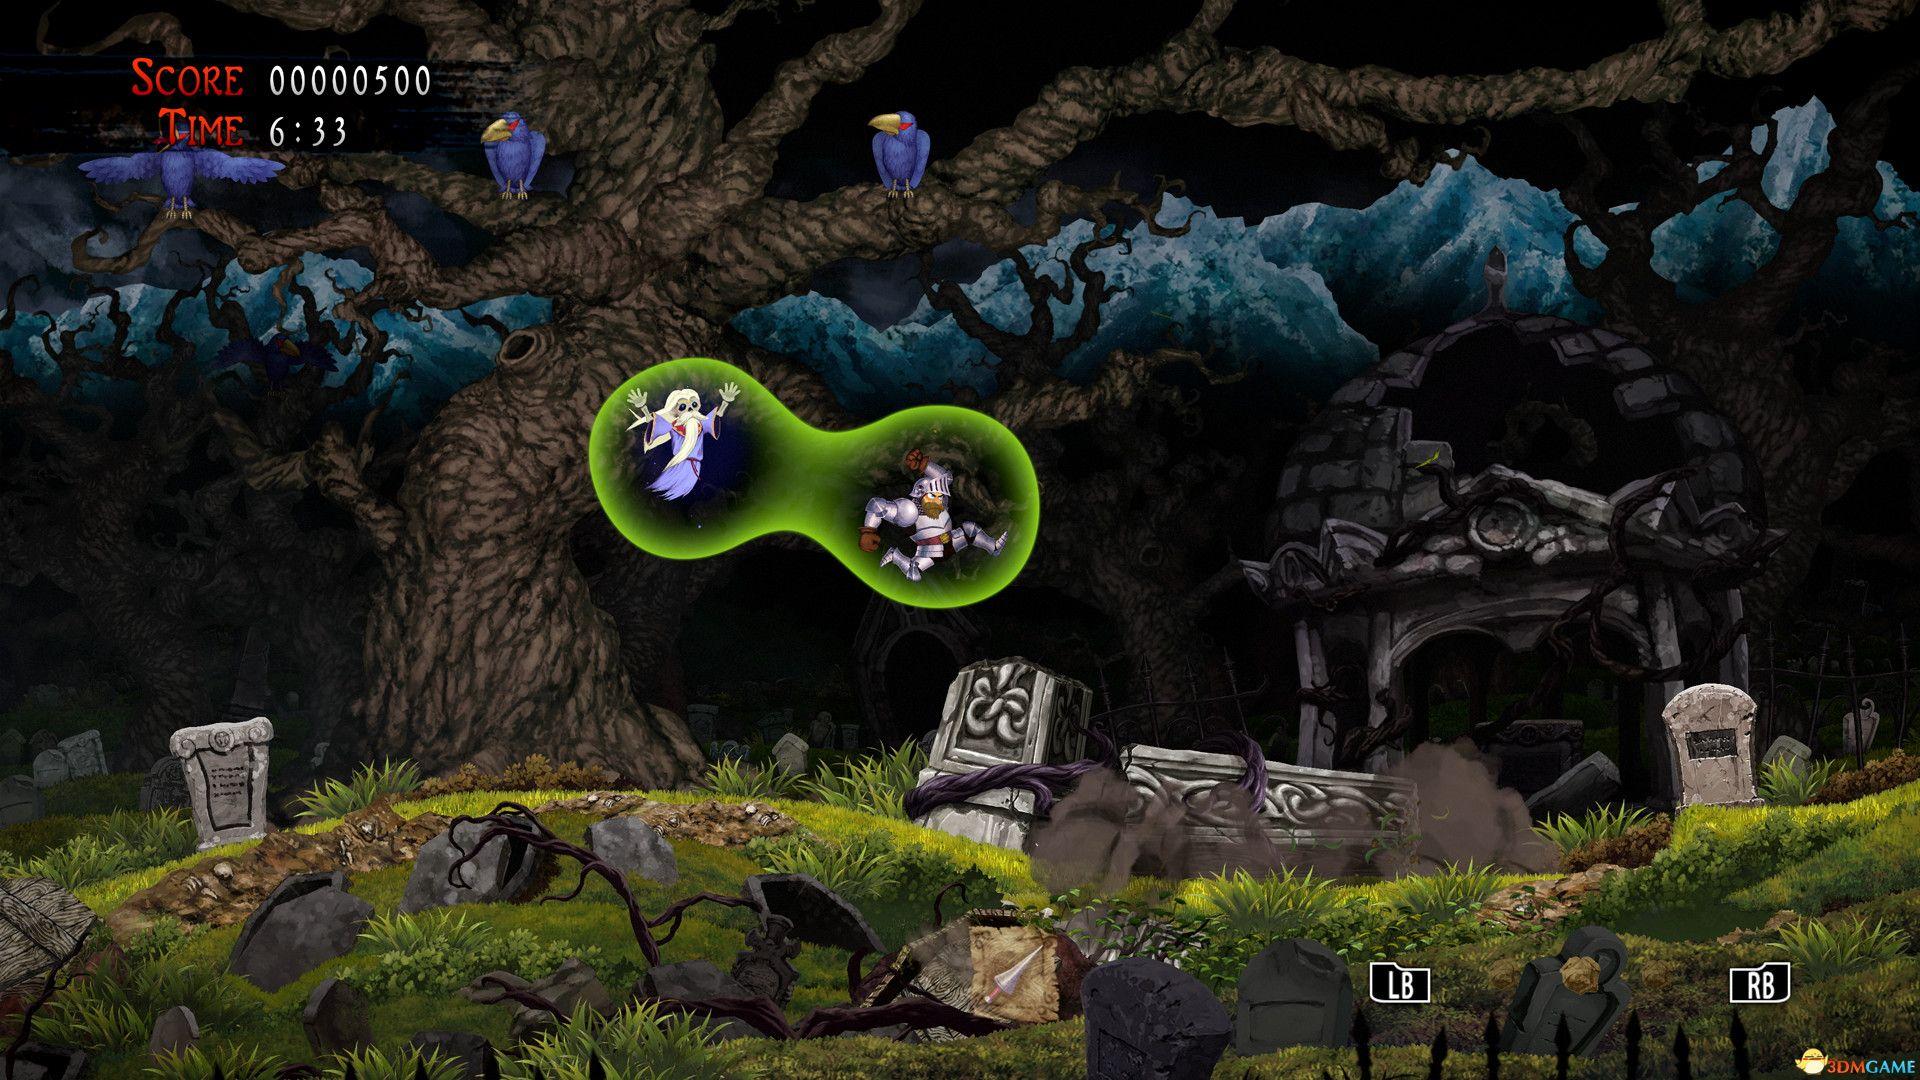 《经典回归魔界村》全关卡流程攻略 最高难度无伤视频攻略